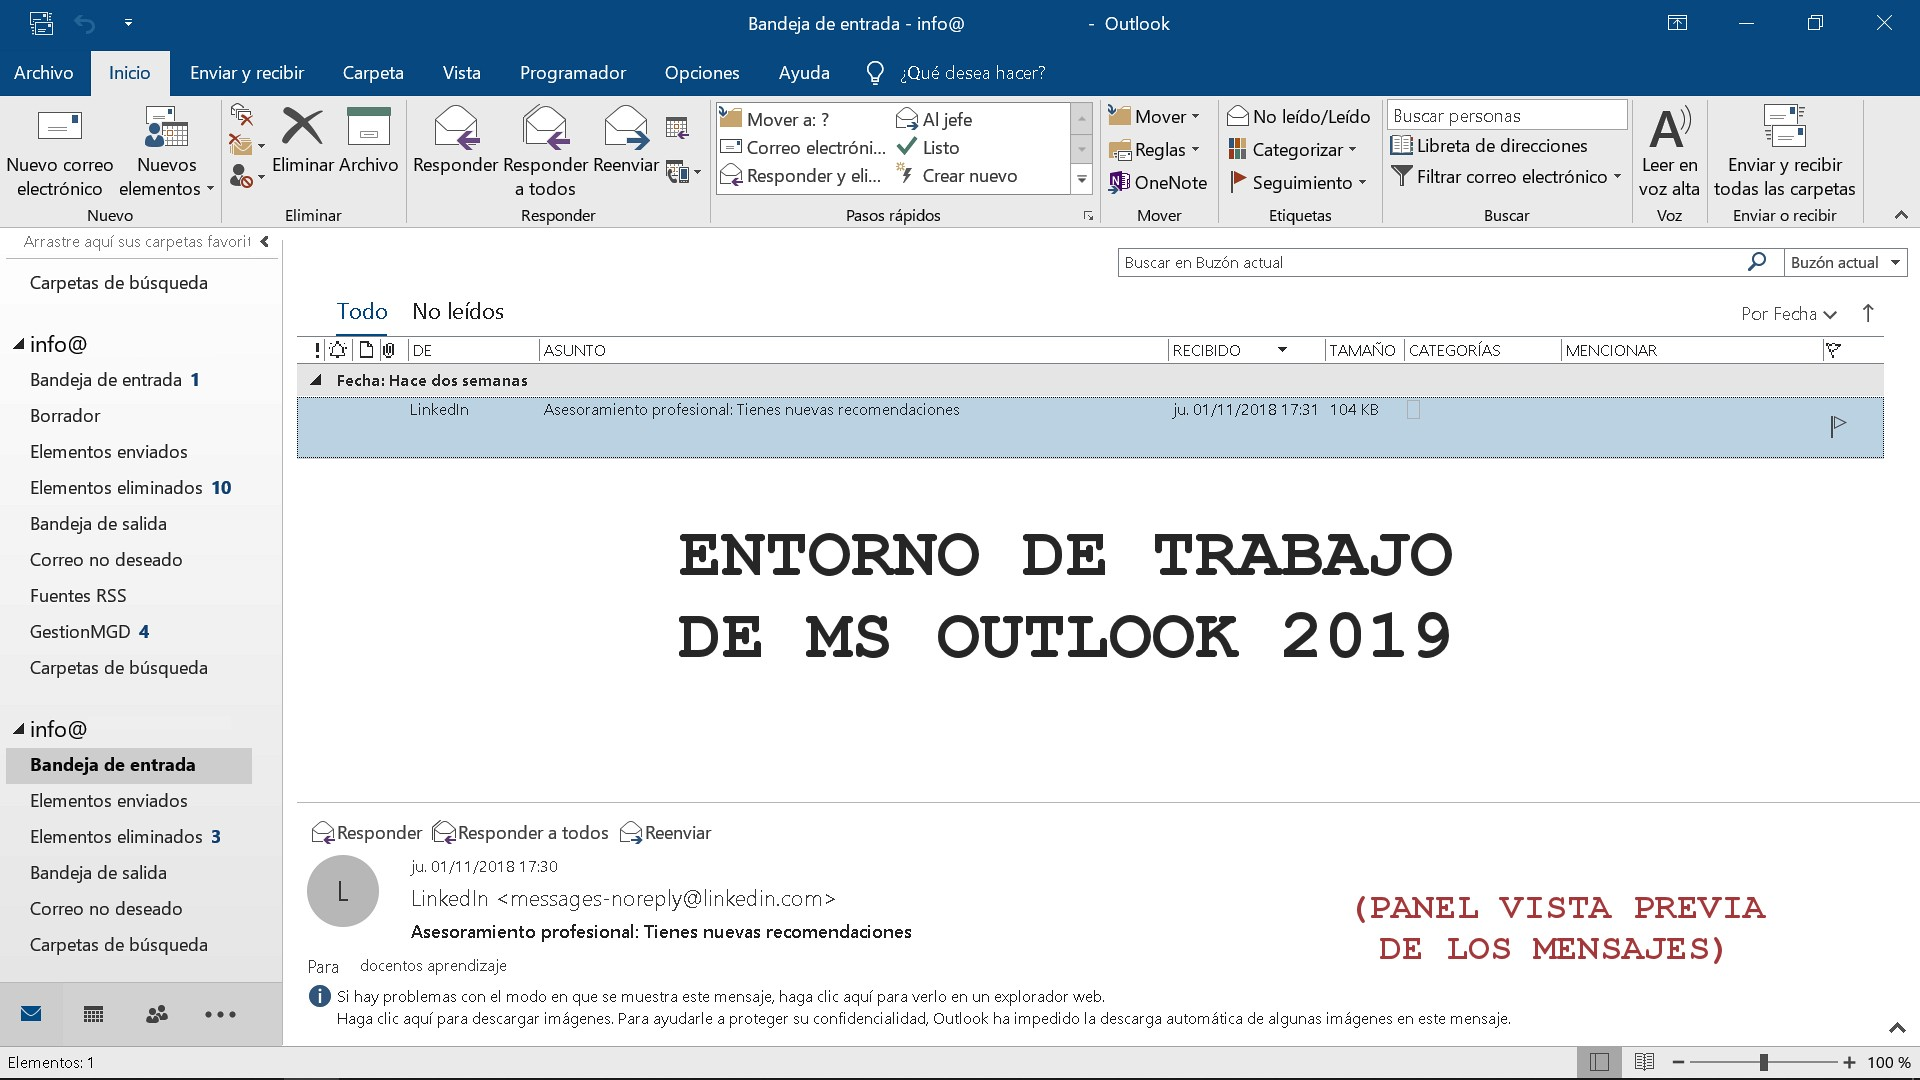 Calendario 2019 Laboral Más Actual A Las Macros En Excel Nos Encontramos Ante El M³dulo 11 Macros